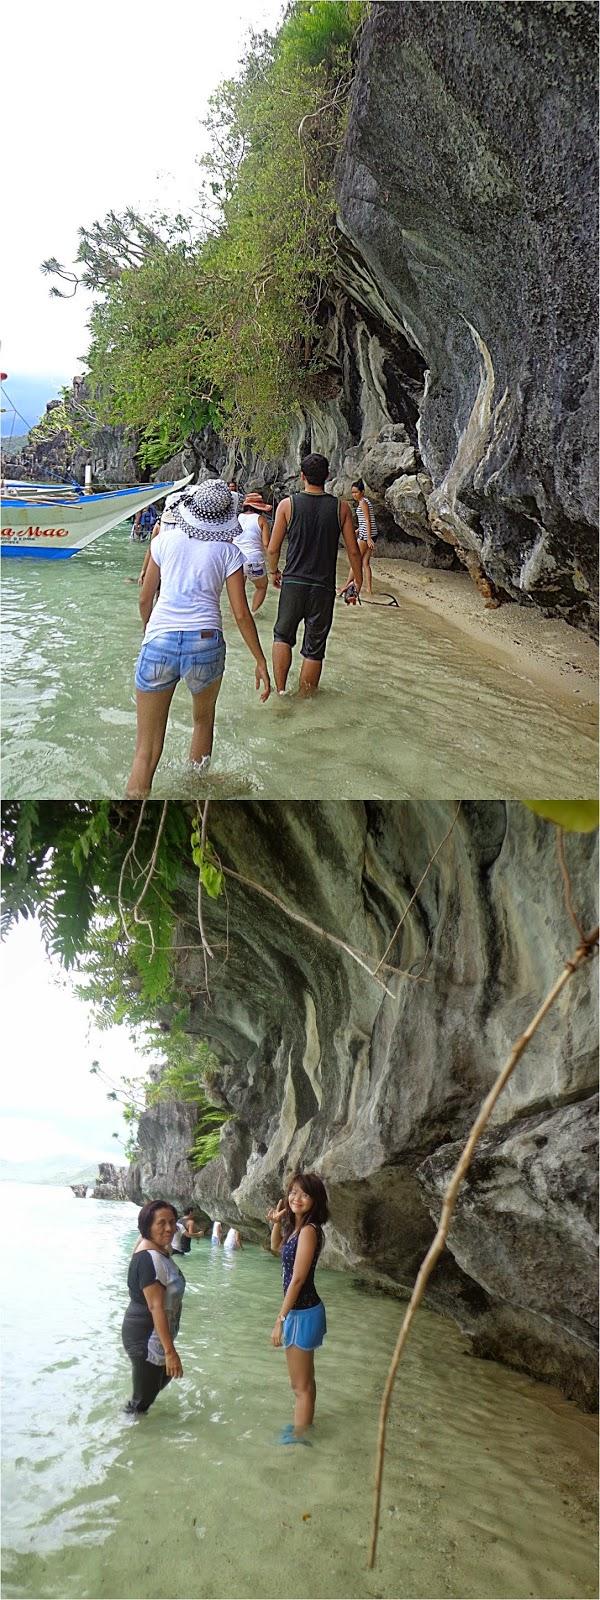 Cadugnon Island, El Nido Palawan